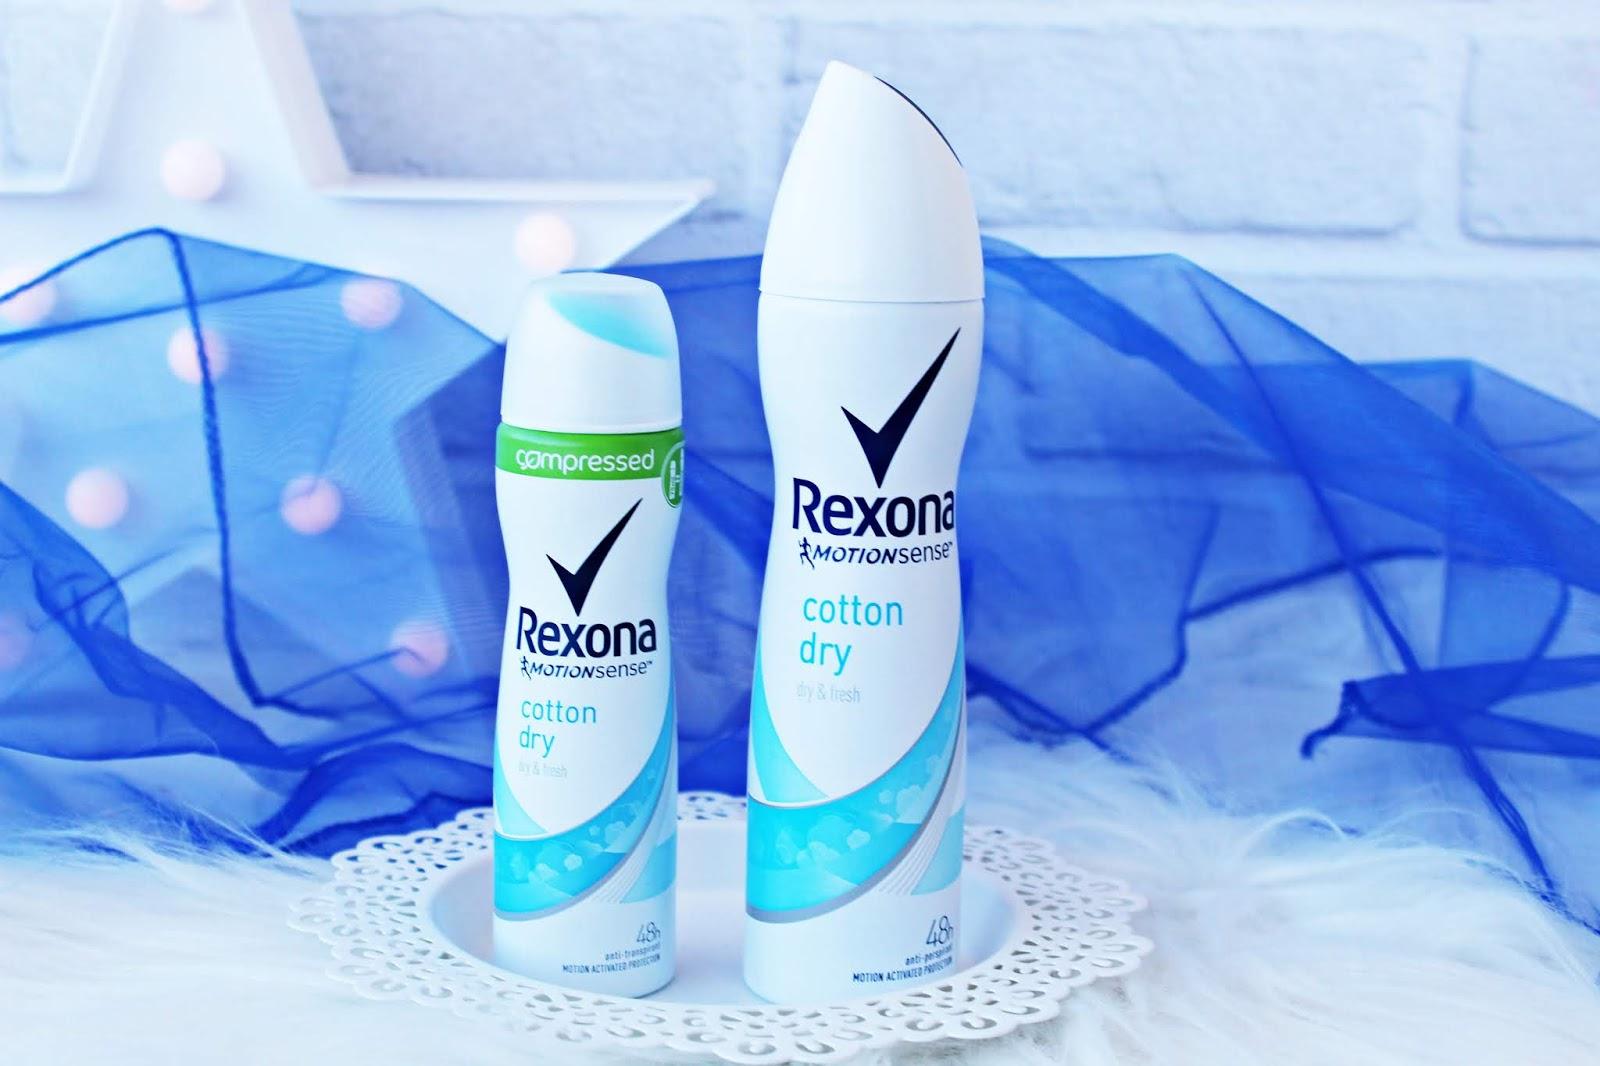 Rexona Compressed - nowe antyperspiranty dla kobiet i mężczyzn